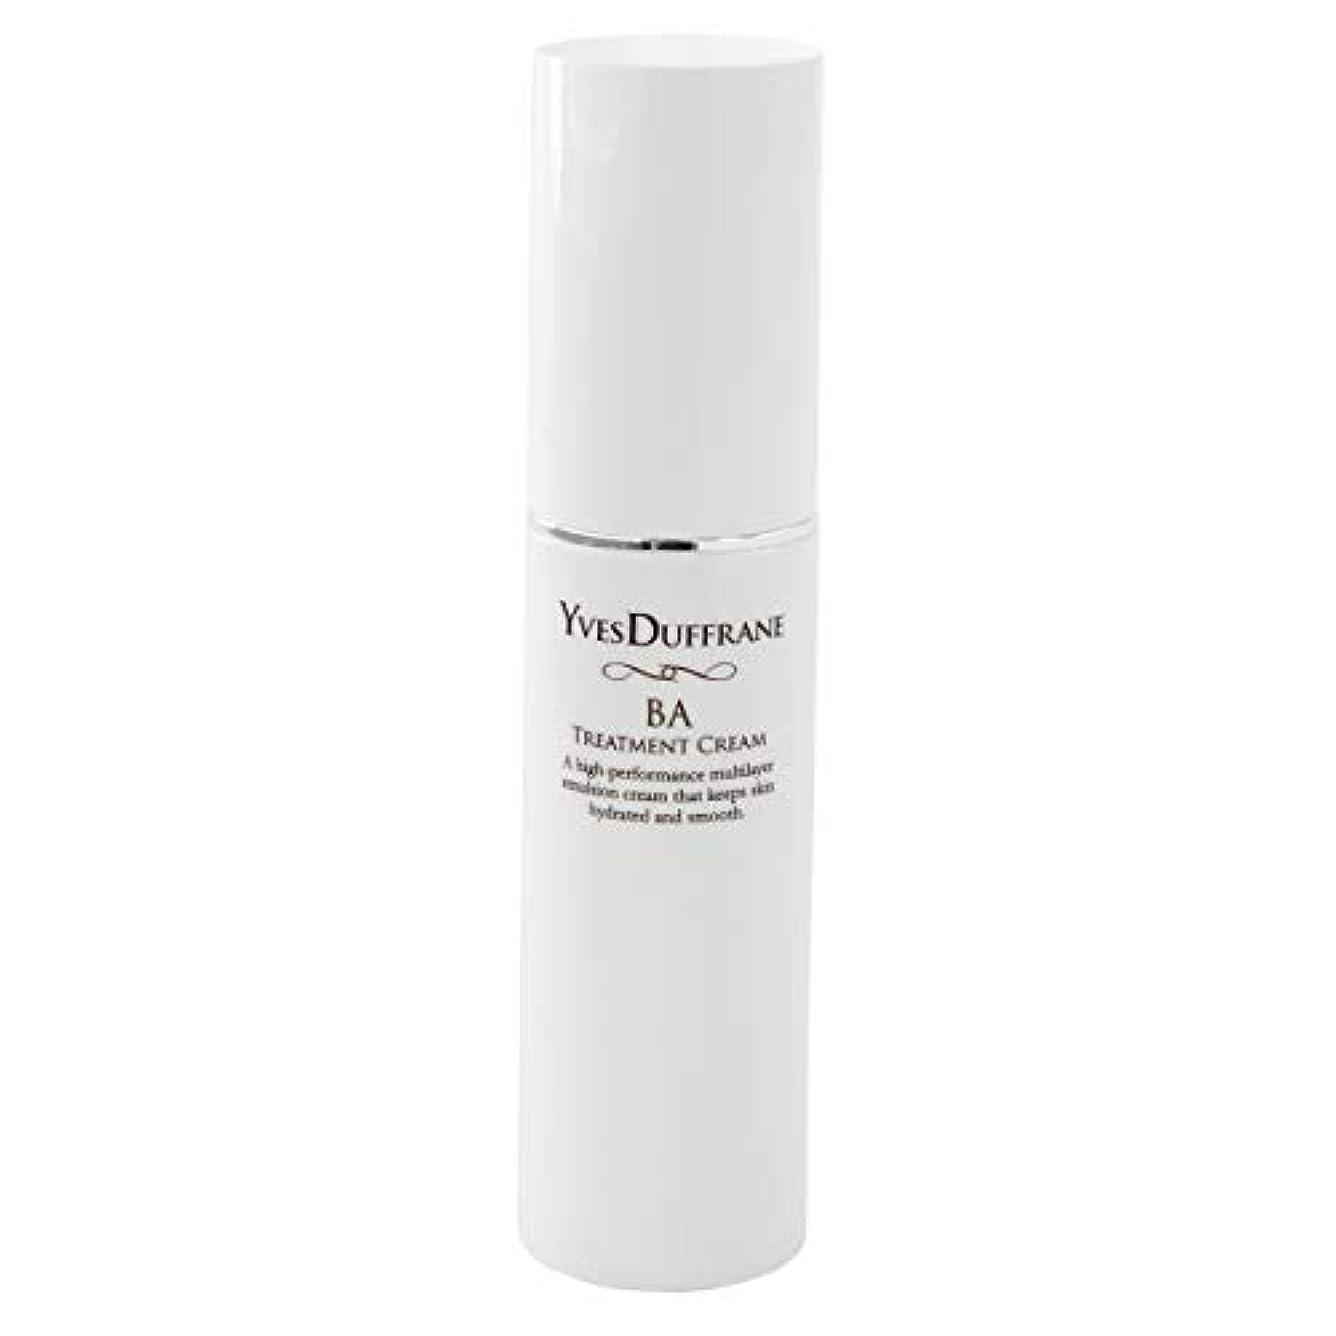 言語学二年生酸度セラミド 美容クリーム [BAトリートメント クリーム ] 顔 目元 敏感肌 保湿 セラミド ビタミンC誘導体 バイオアンテージ配合